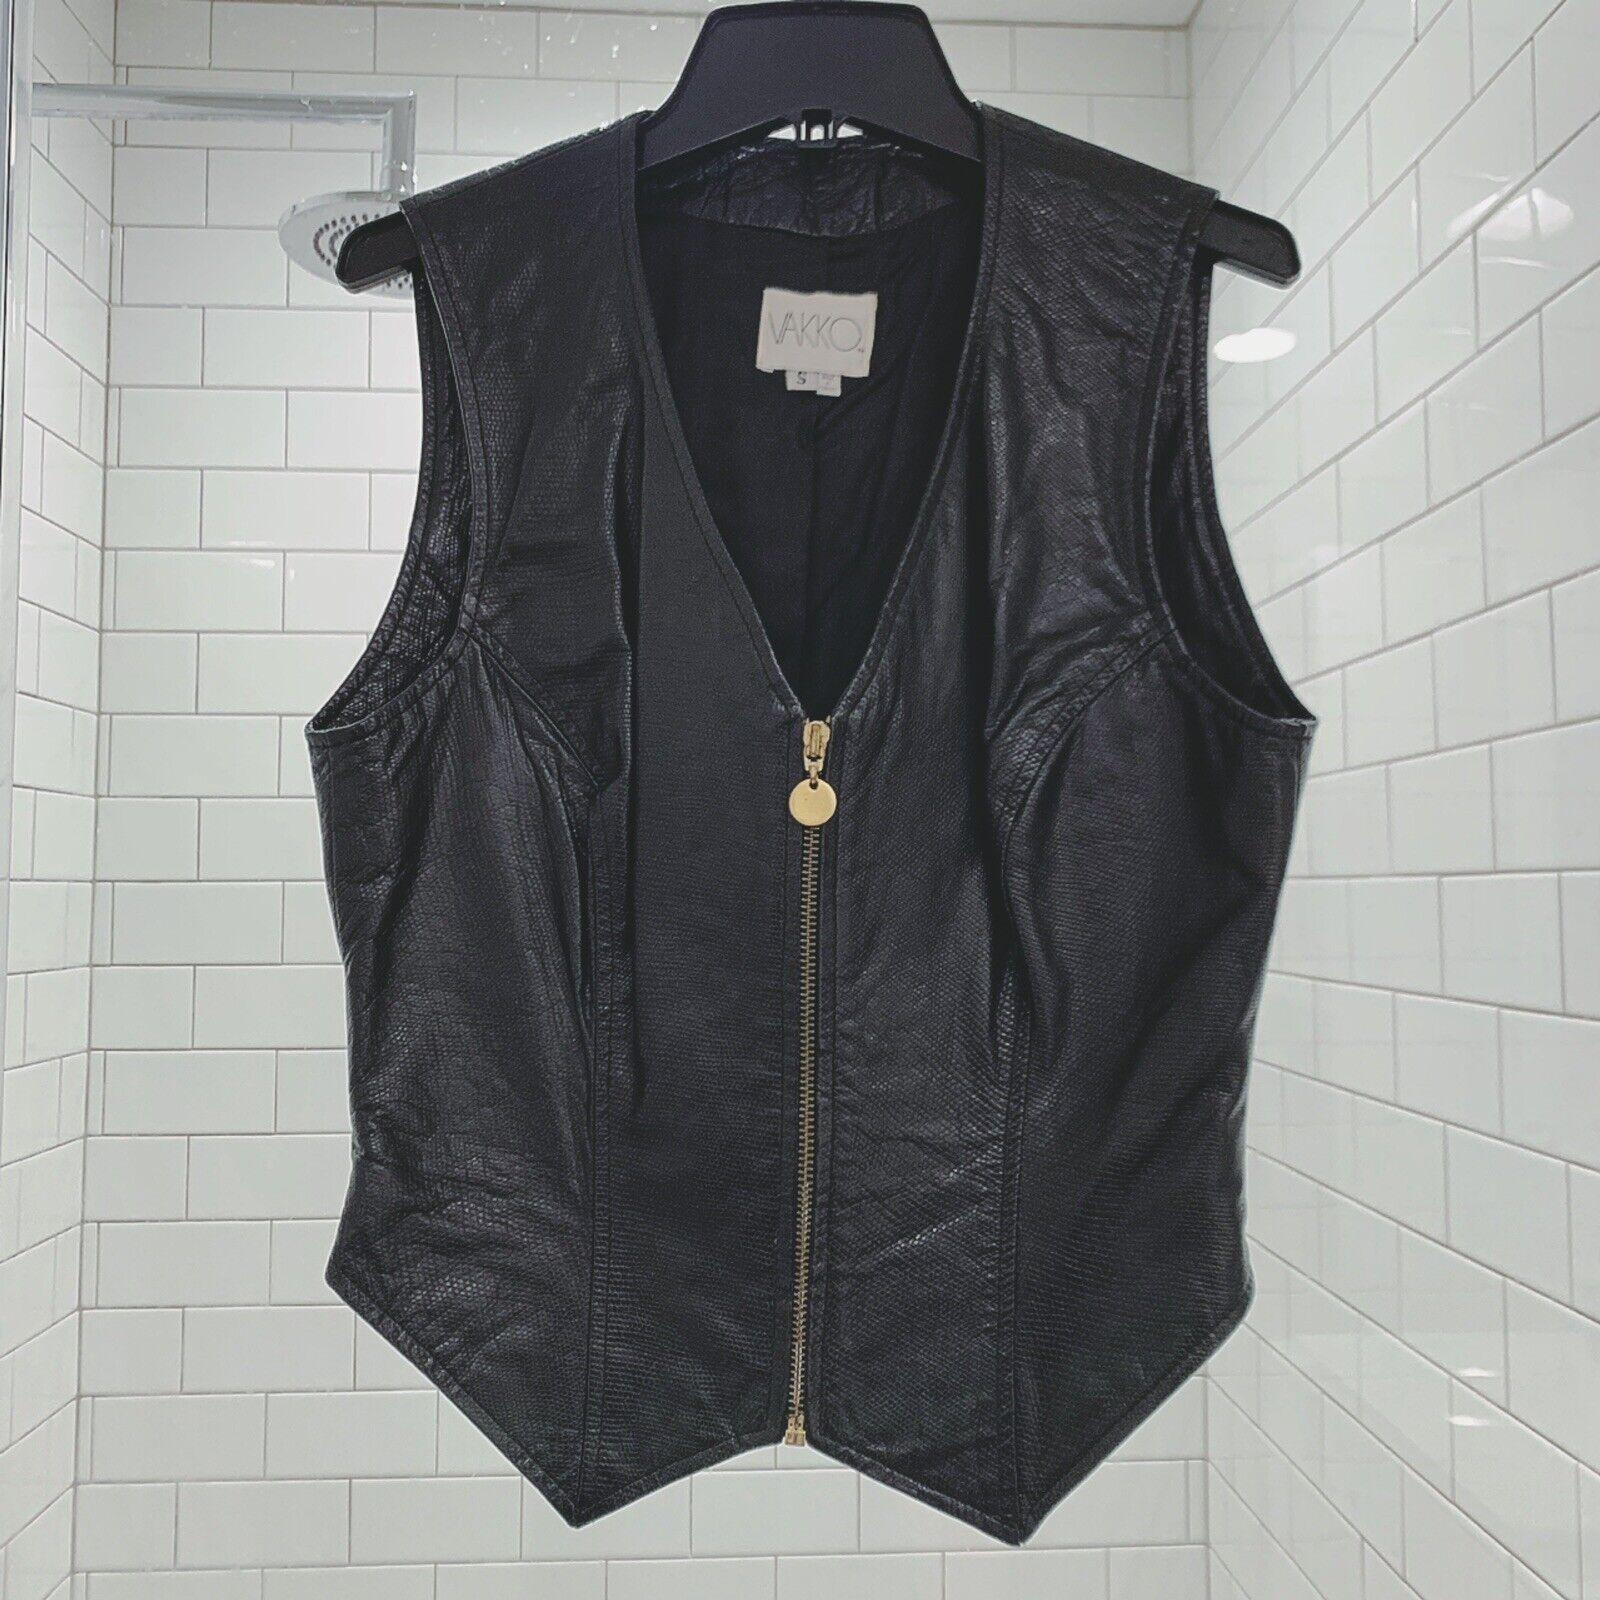 Vakko Vintage Leather Vest SZ S